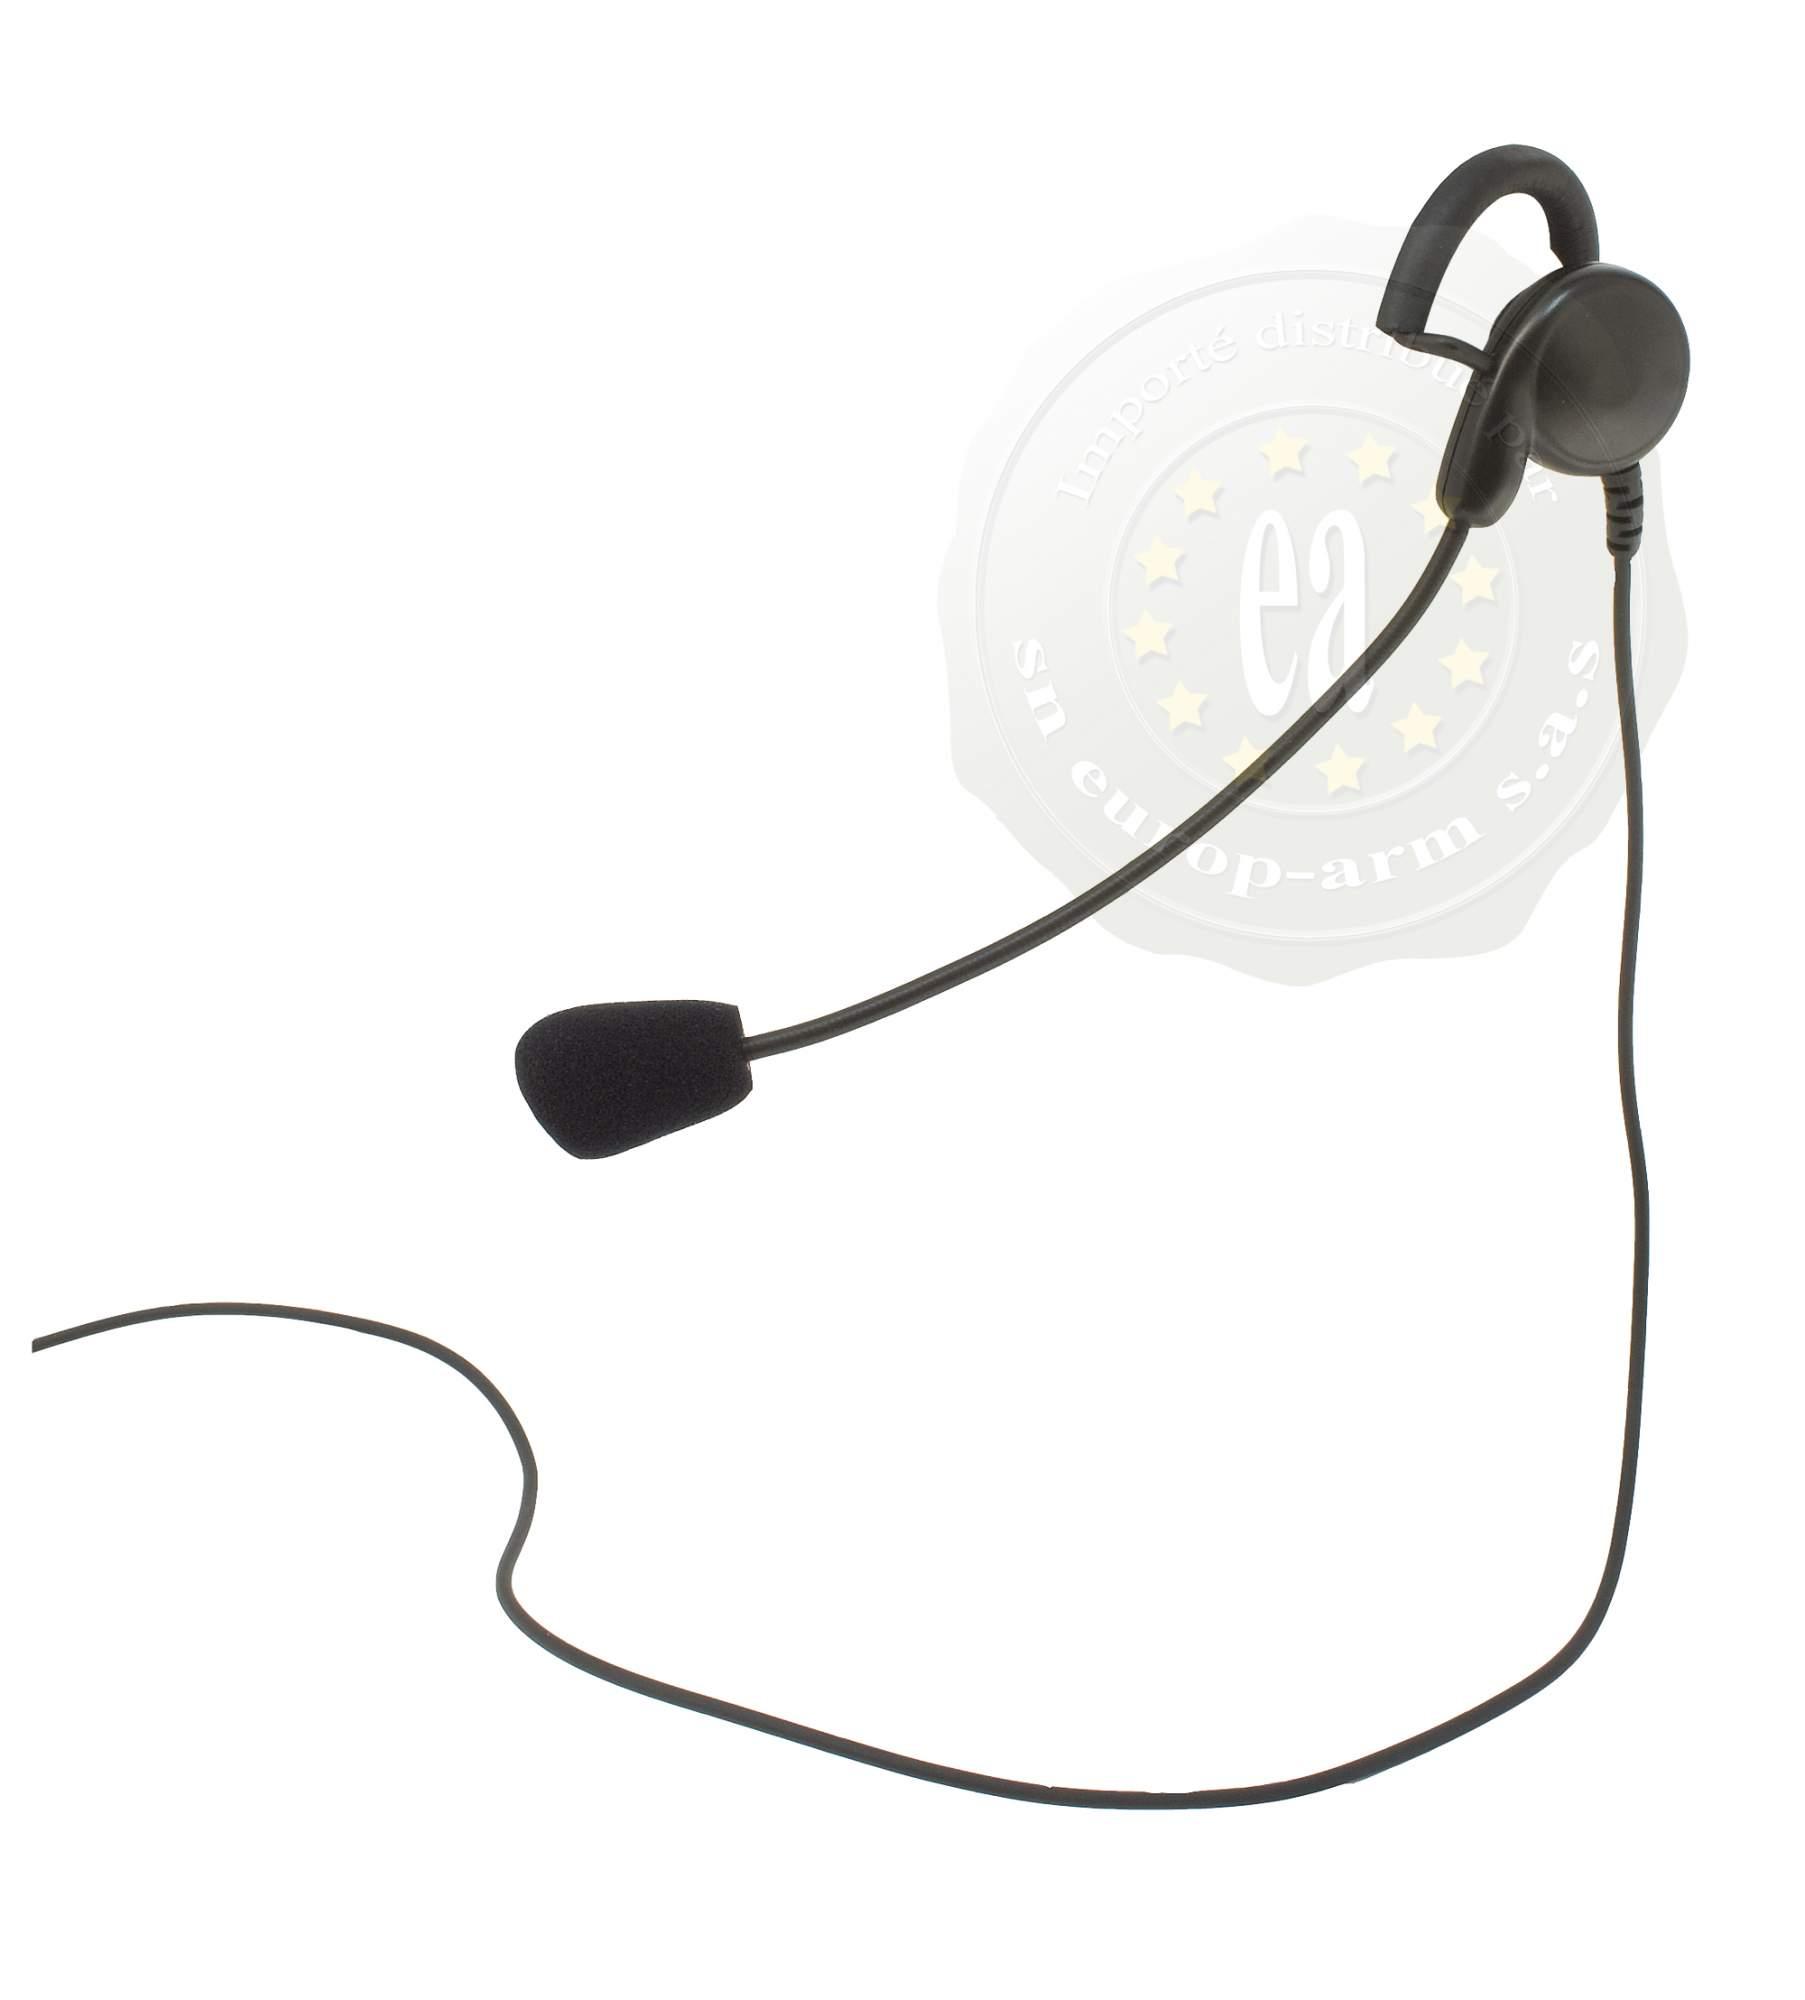 micro casque avec contact d port mod le pour les g7 g9 midland midland a69202 boutique en. Black Bedroom Furniture Sets. Home Design Ideas